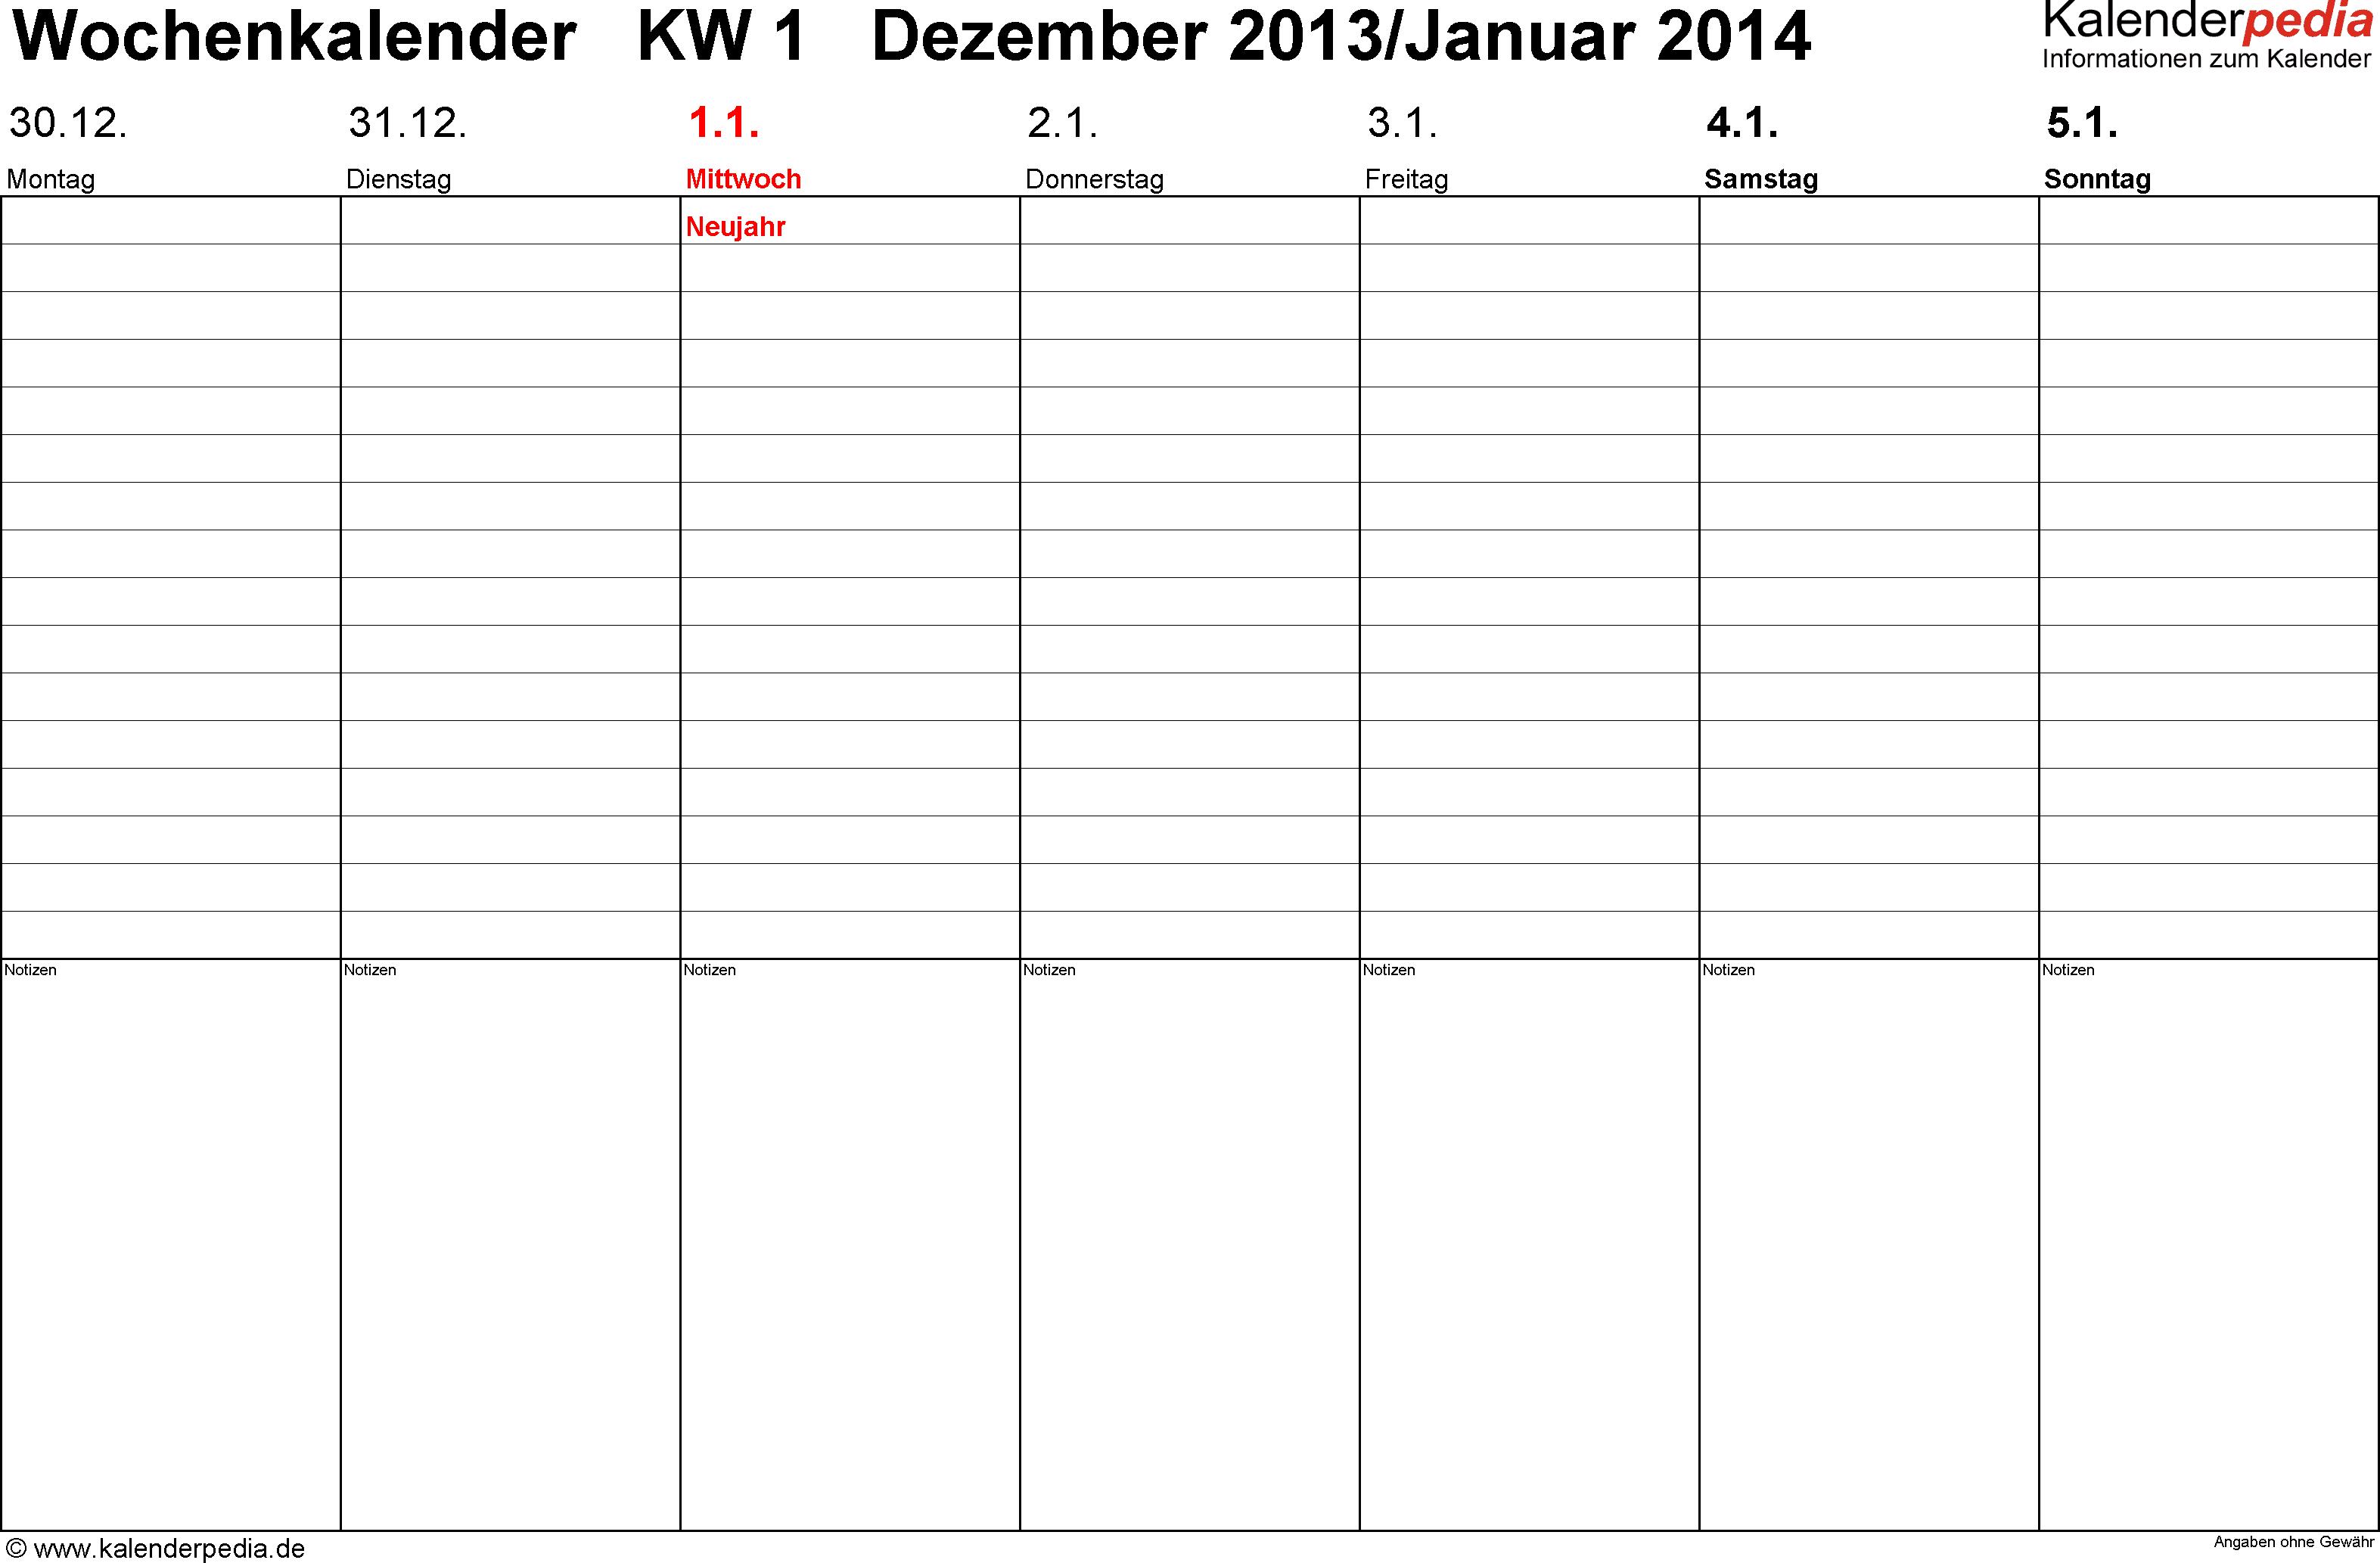 Vorlage 2: Wochenkalender 2014 als Excel-Vorlage, Querformat, Tage nebeneinander, 53 Seiten (1 Woche auf 1 Seite)